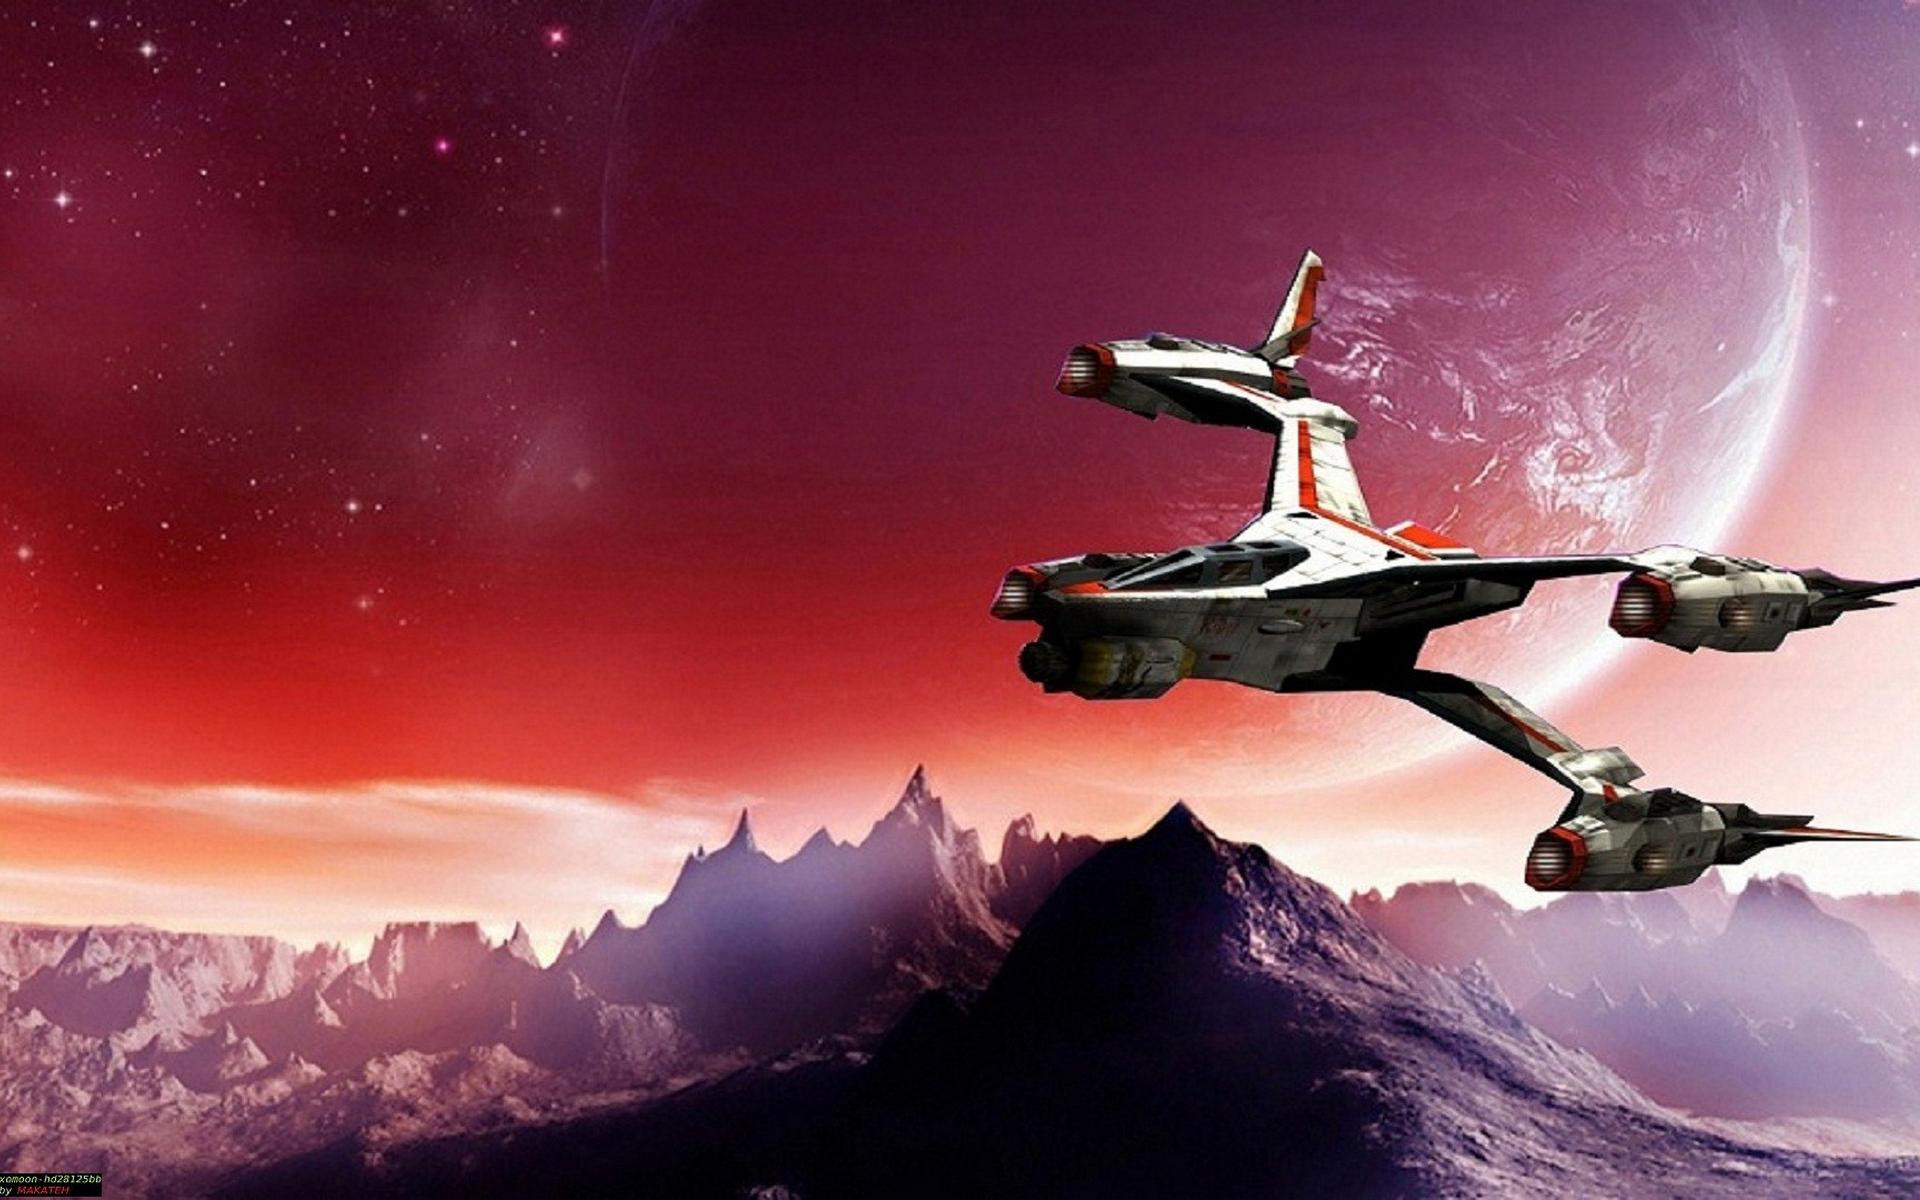 Обои космос корабль Вавилон-5 space ship Babylon 5 картинки на рабочий стол на тему Космос - скачать скачать